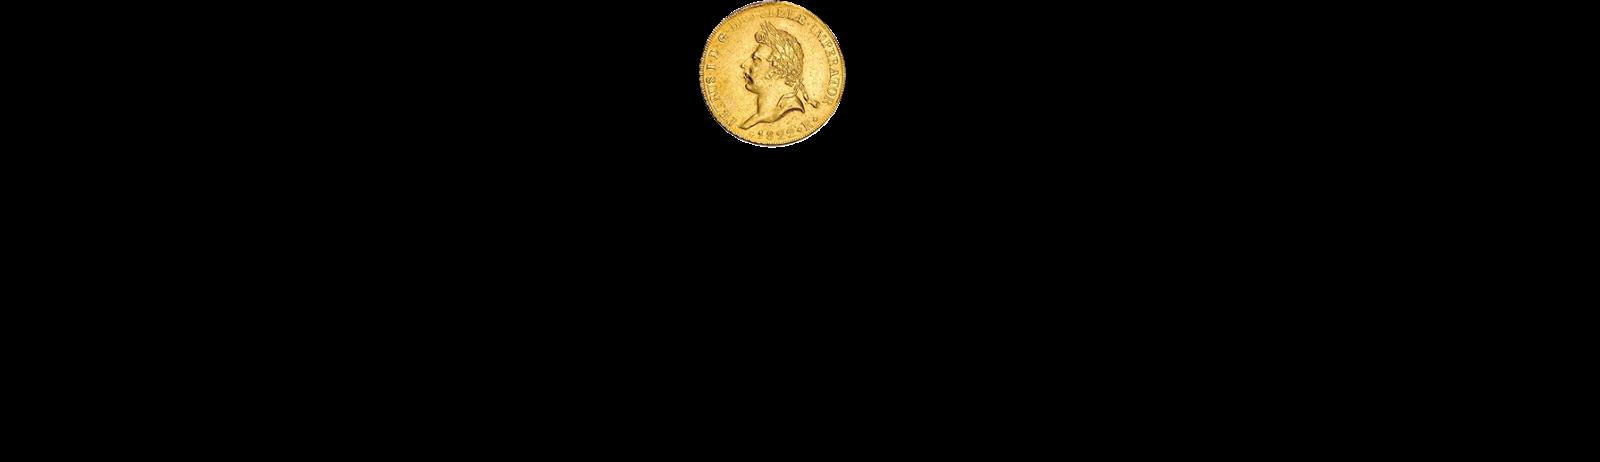 Numismática - Entre Cédulas Moedas Selos e Histórias